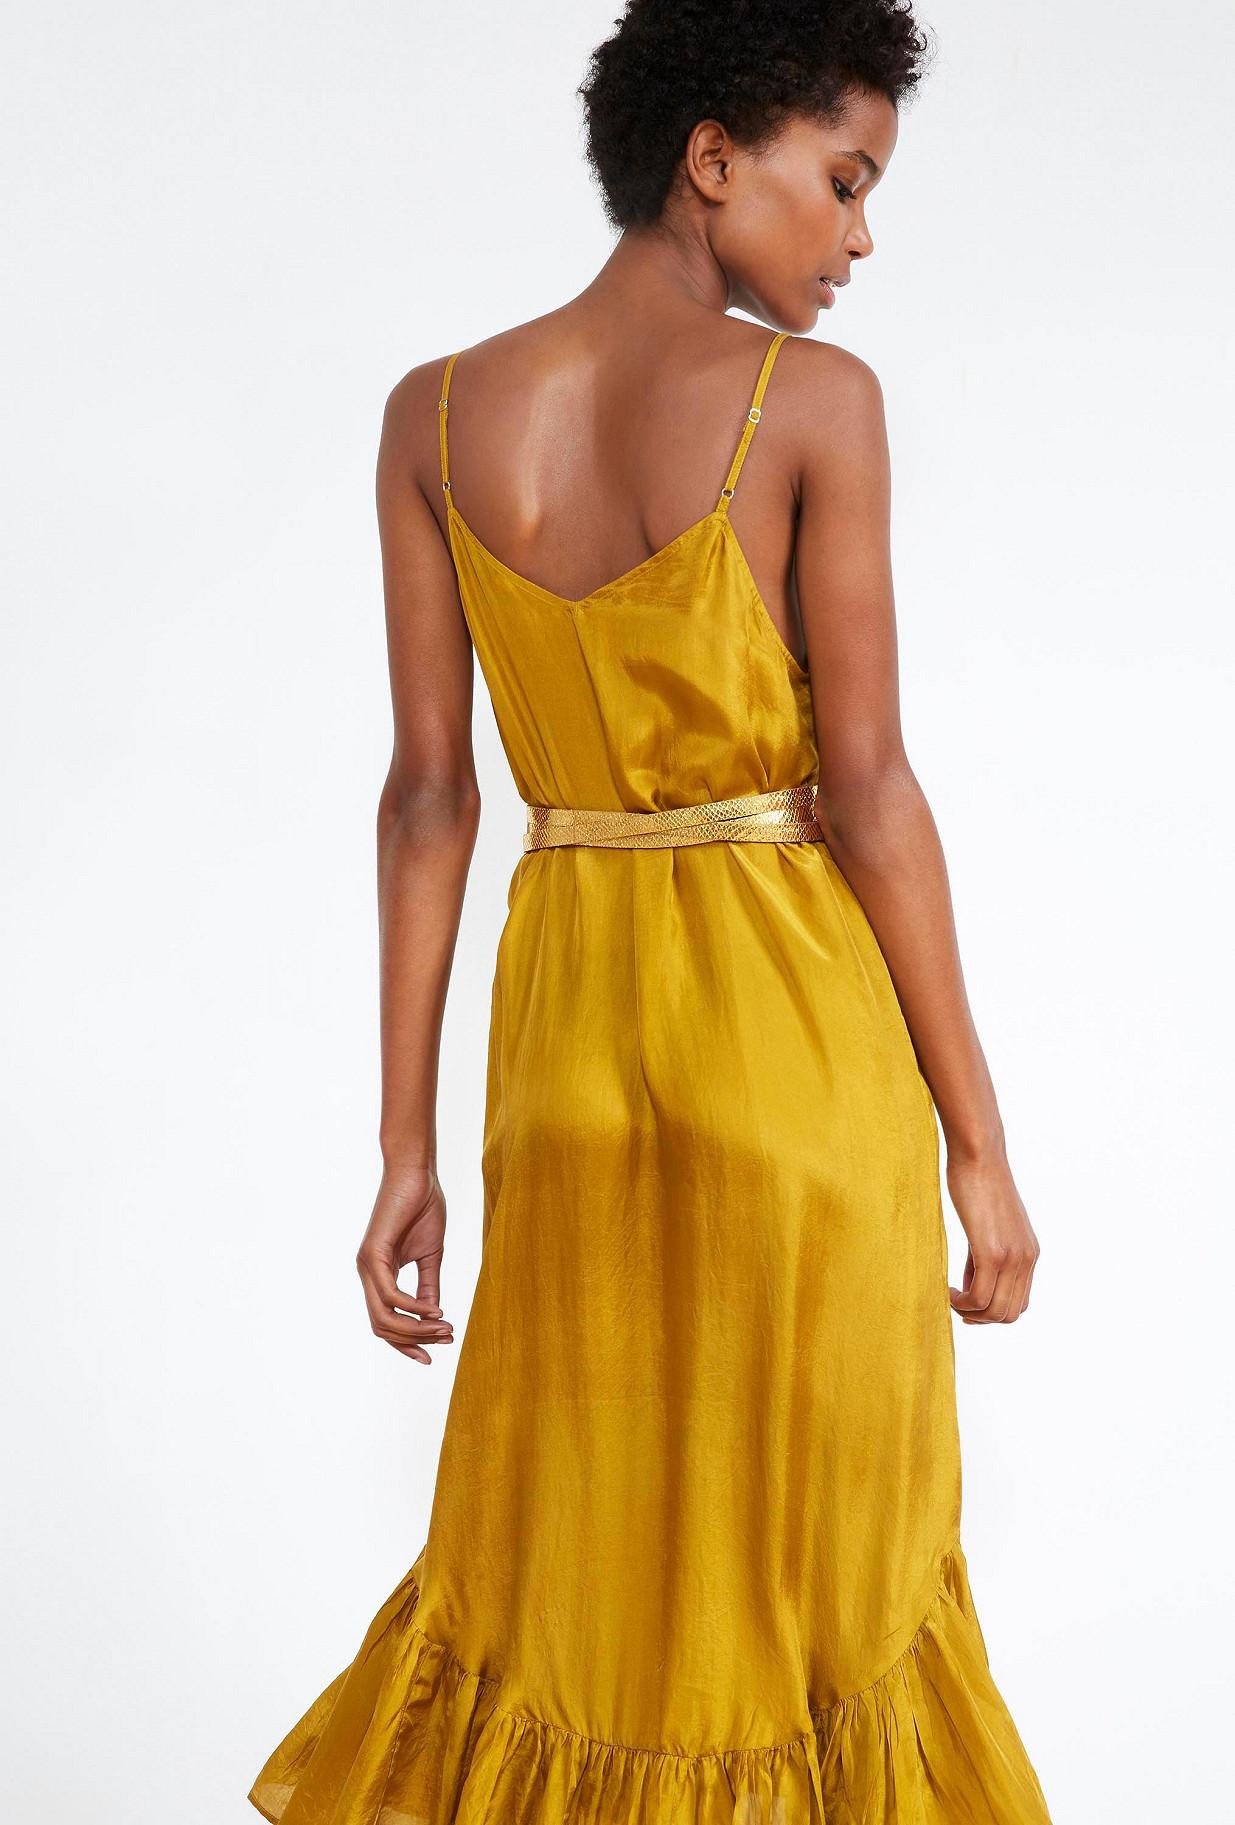 Sand  DRESS  Tosca Mes demoiselles fashion clothes designer Paris